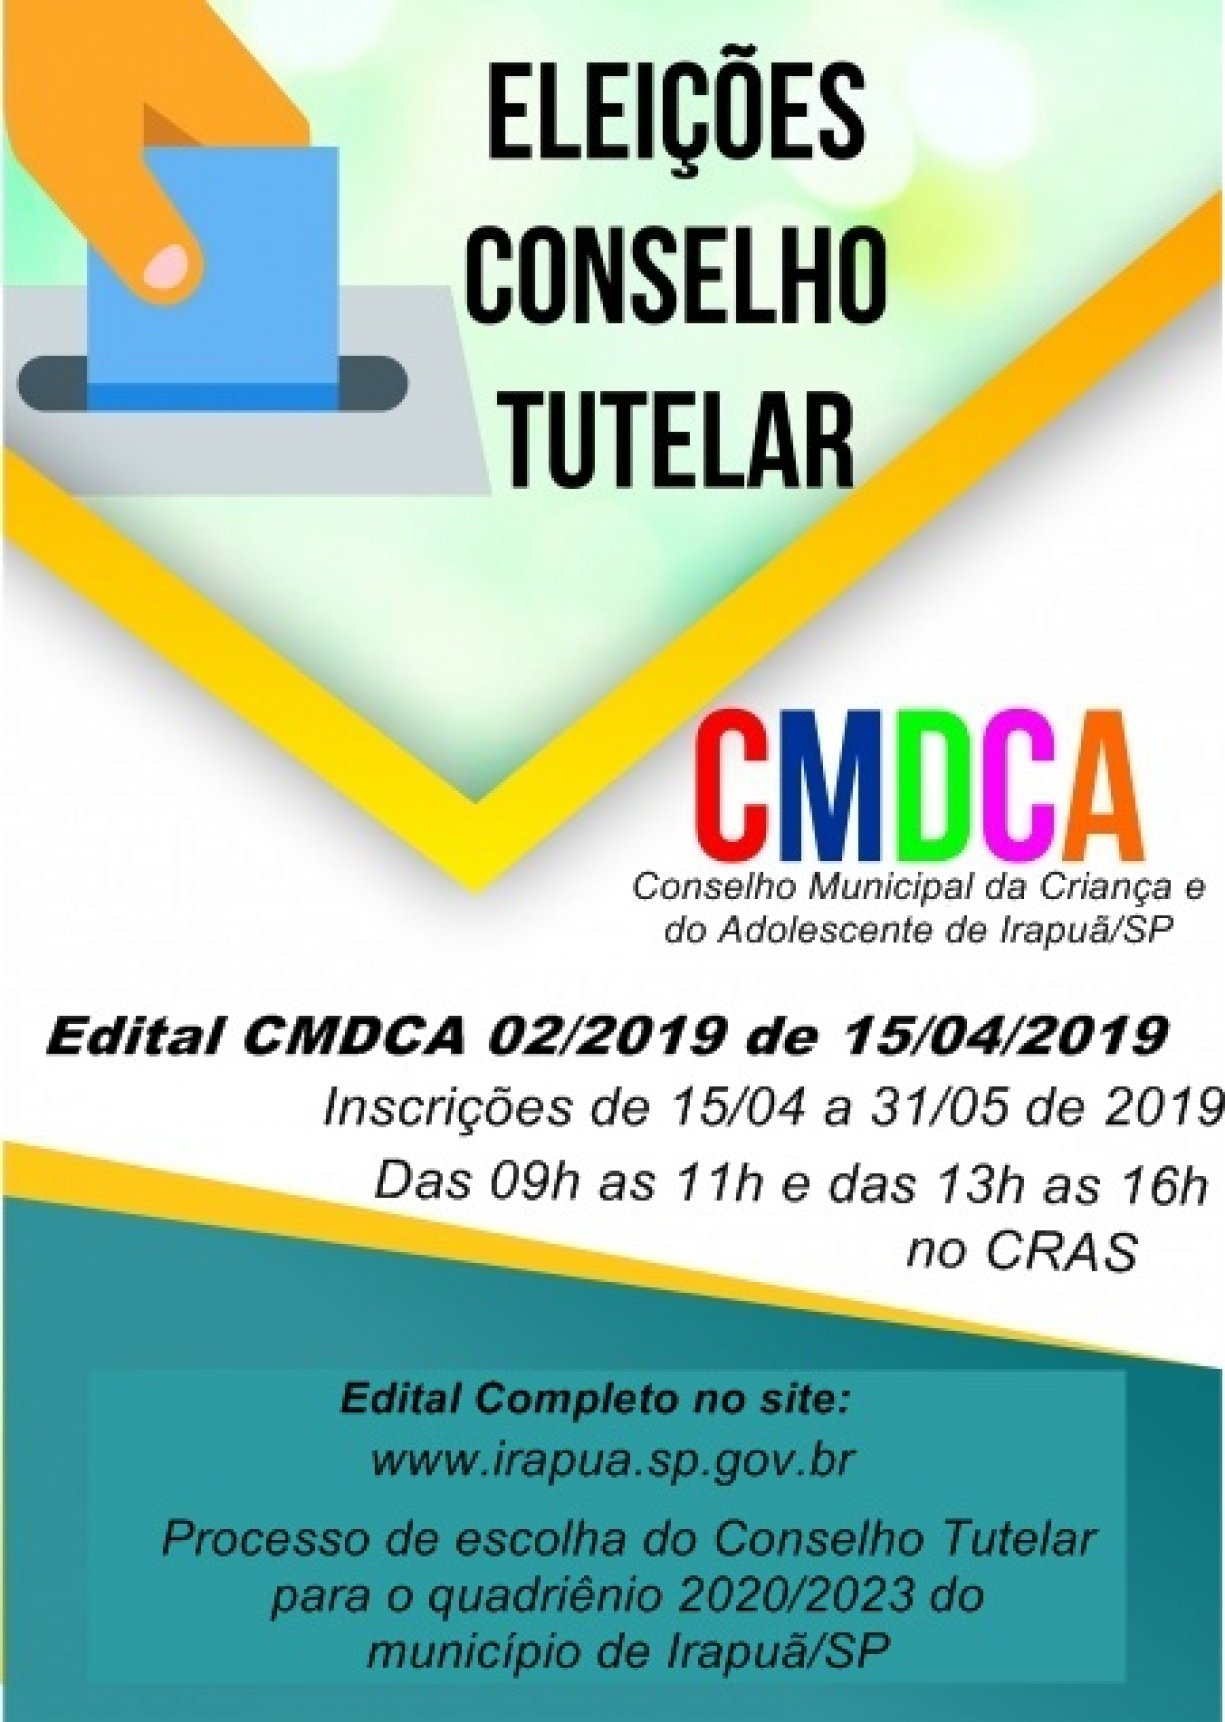 ELEIÇÃO PARA CONSELHO TUTELAR - QUADRIÊNIO 2020/2023